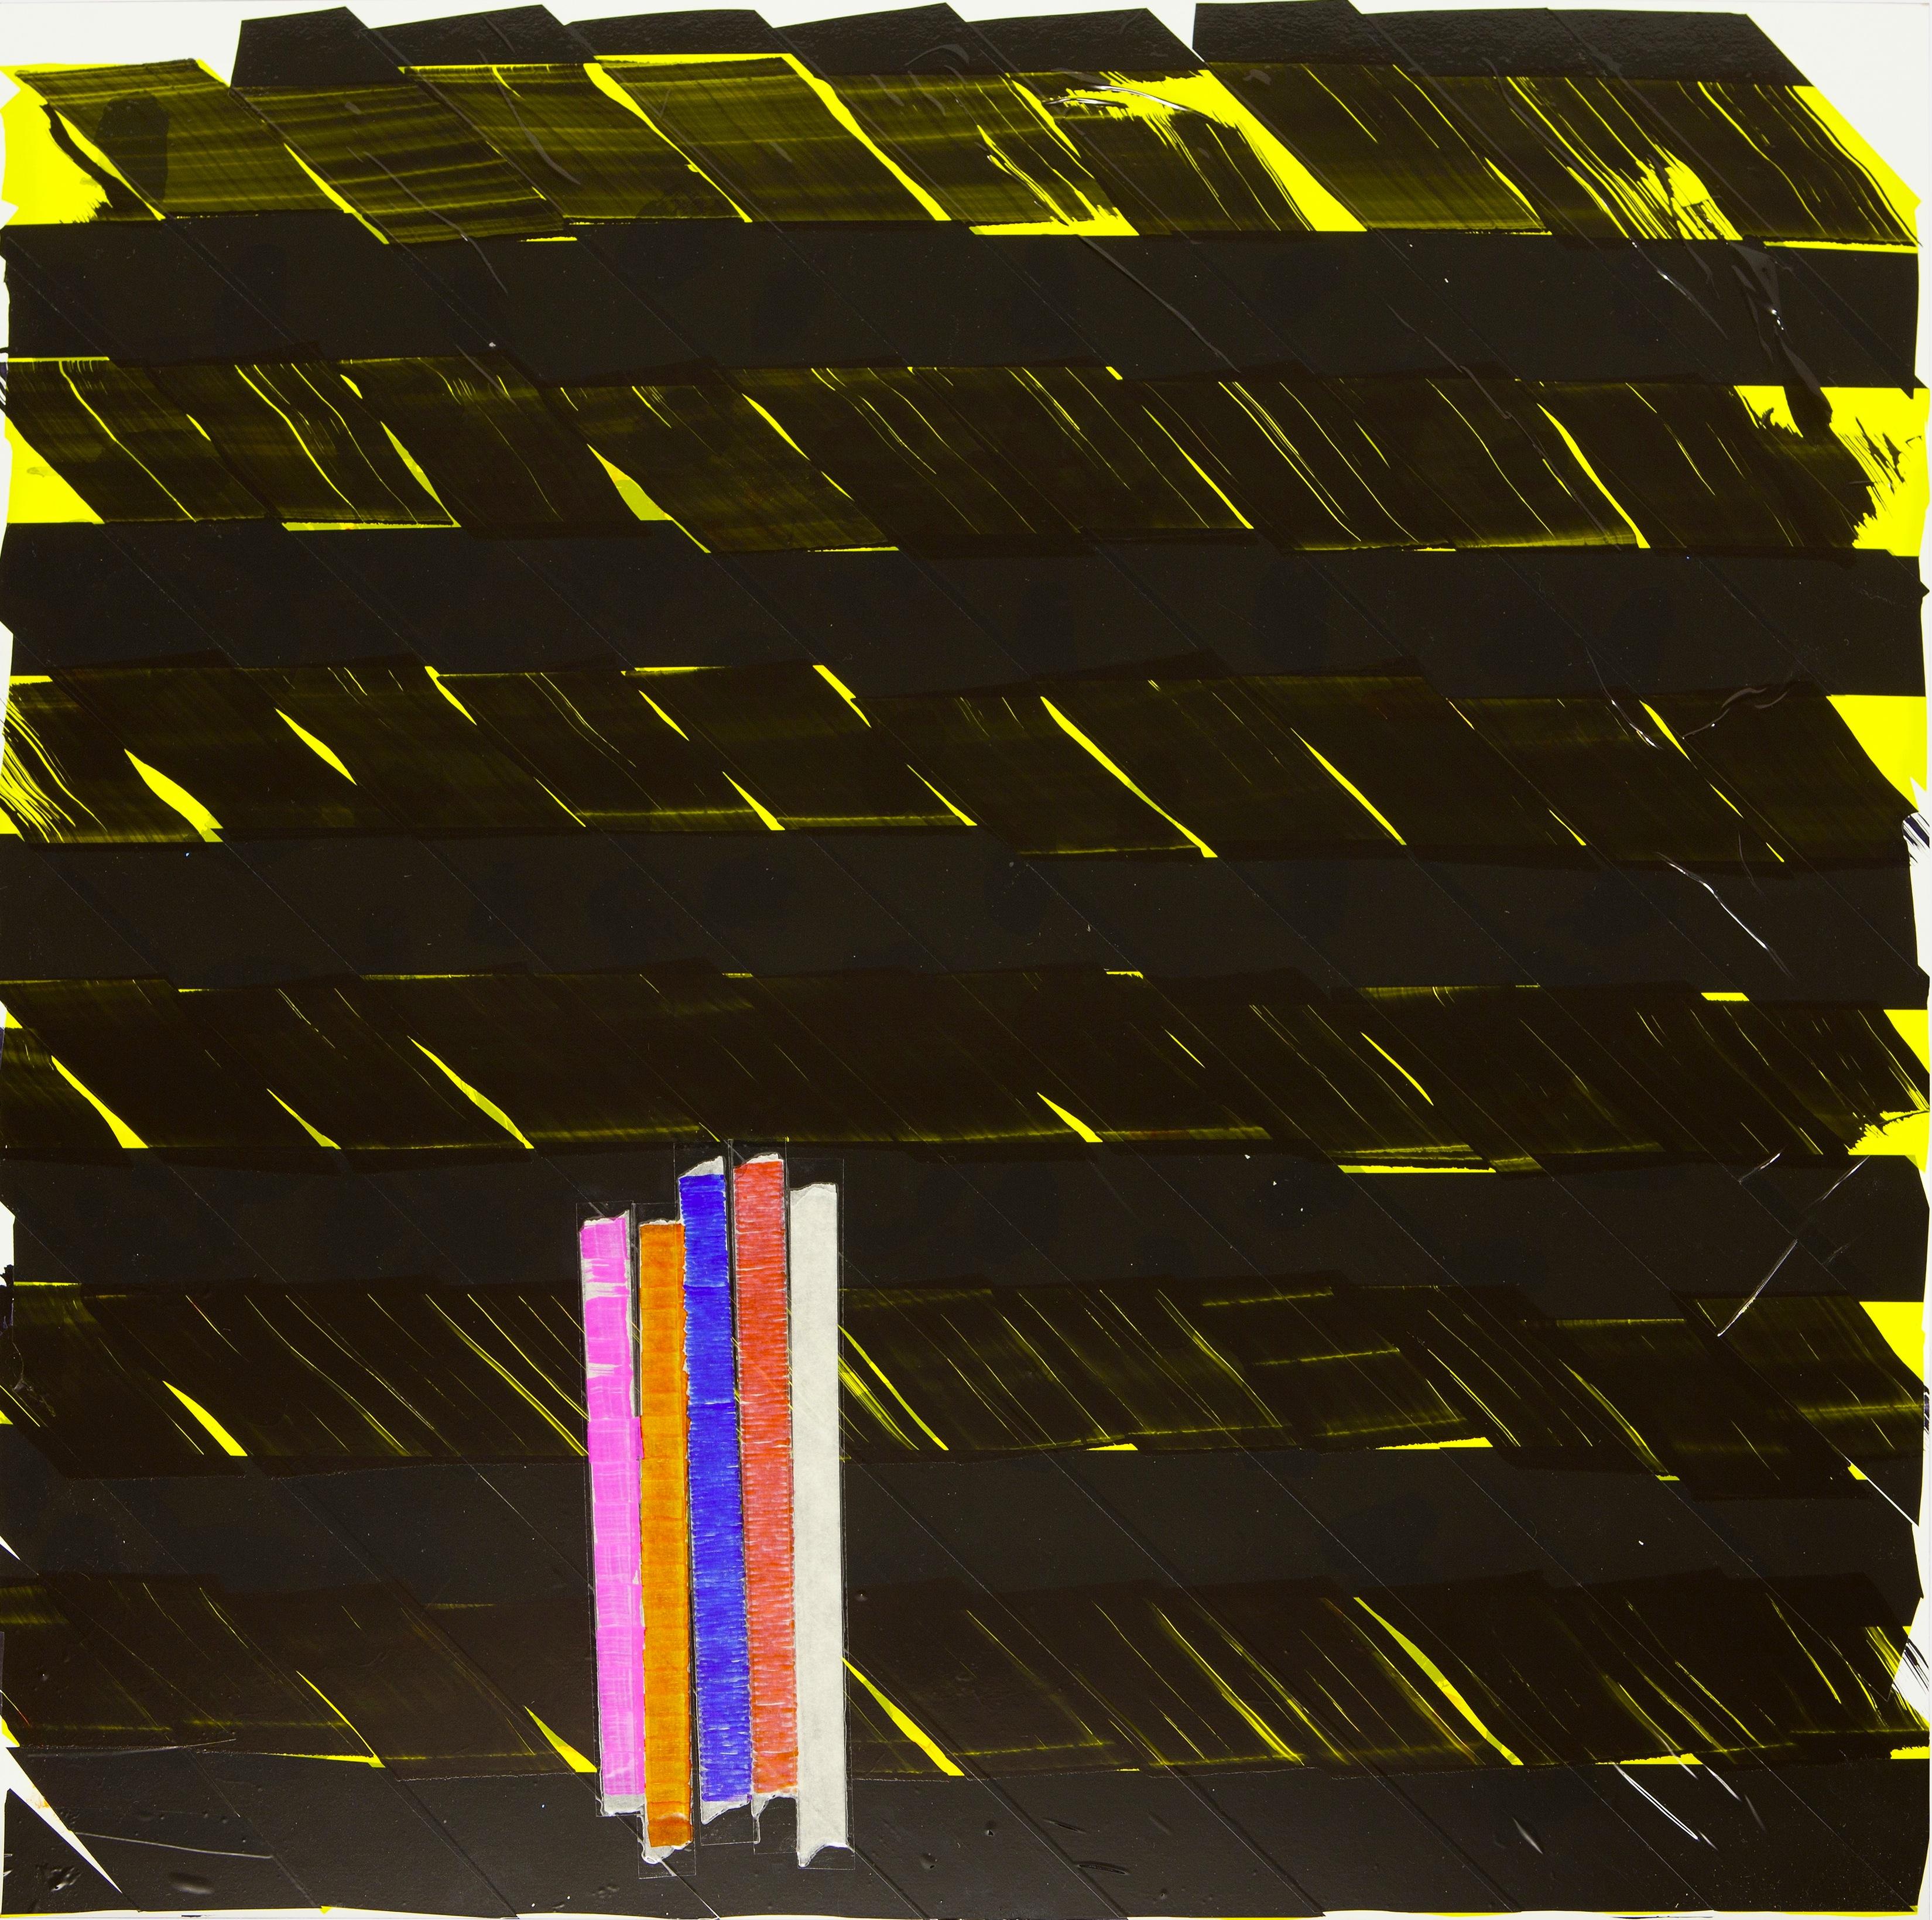 Schar Oleksiy Koval, 2015 70 x 70 cm, tape, marker on FPY Photo © Klaus Mauz